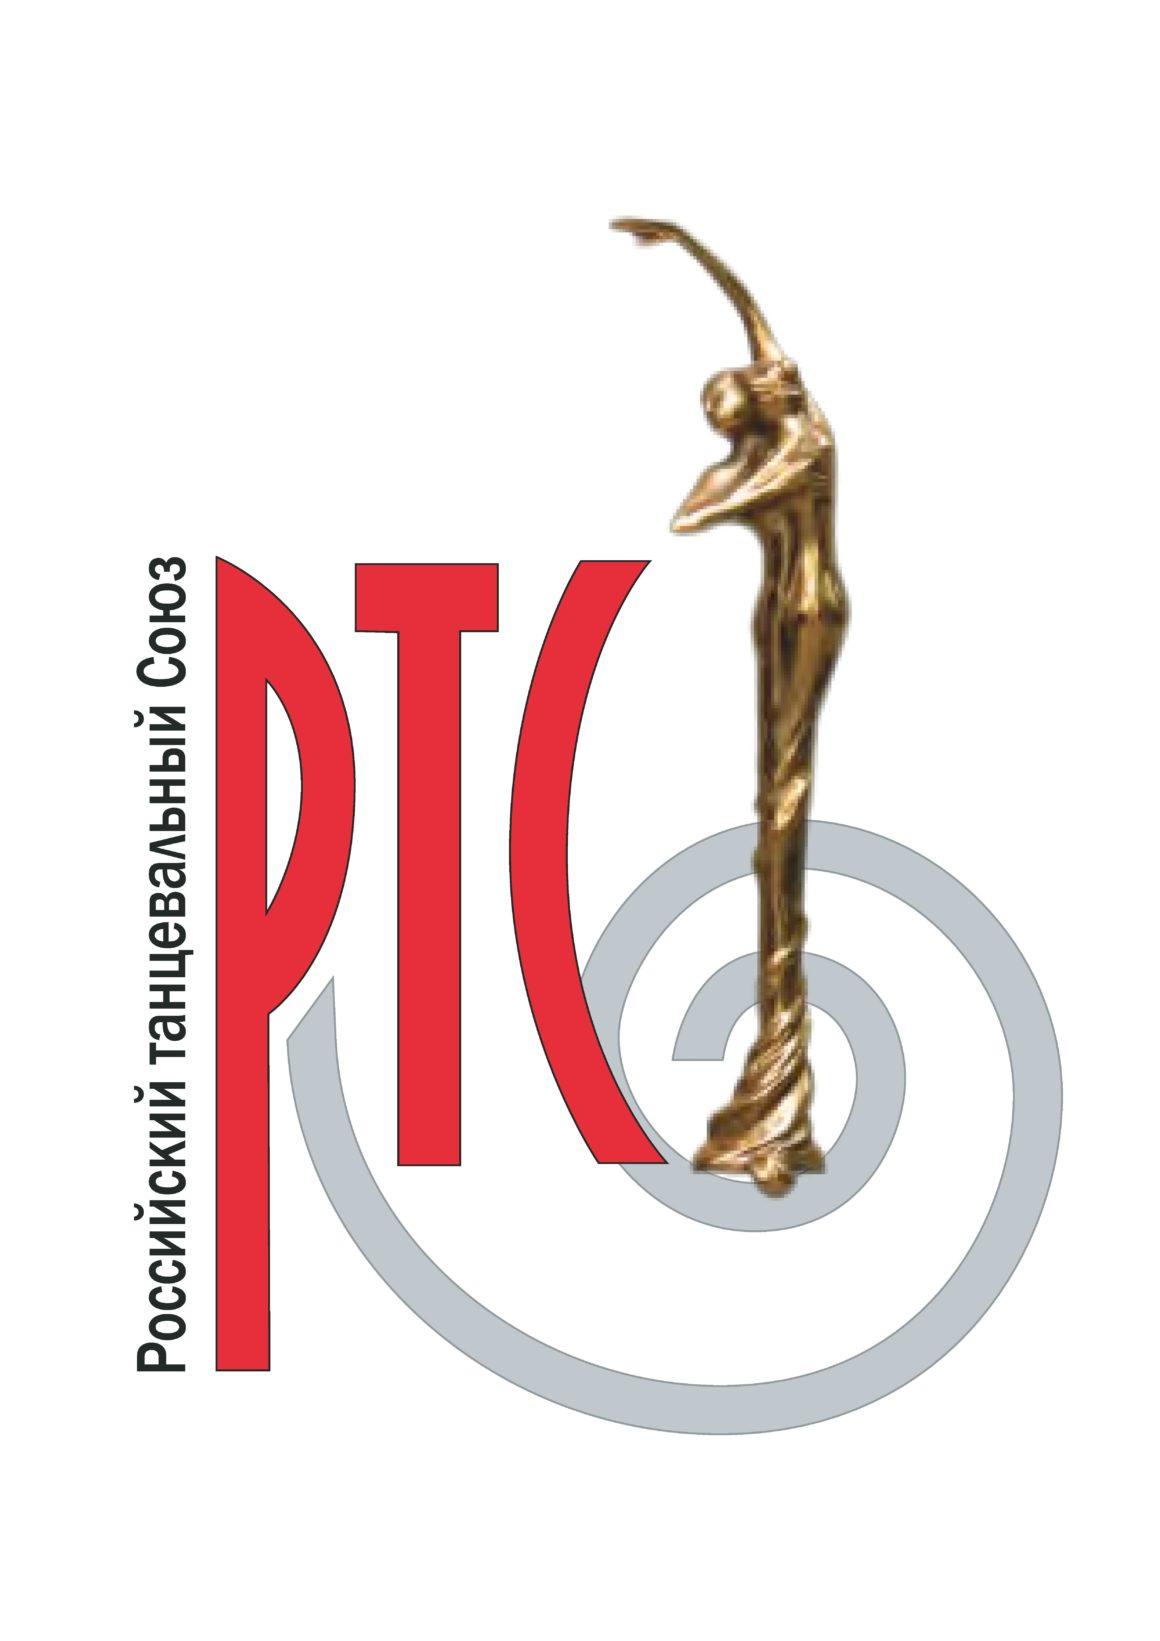 Обращение к танцевальной общественности в связи с образованием ОФСТ — Открытой Федерации Спортивного Танца